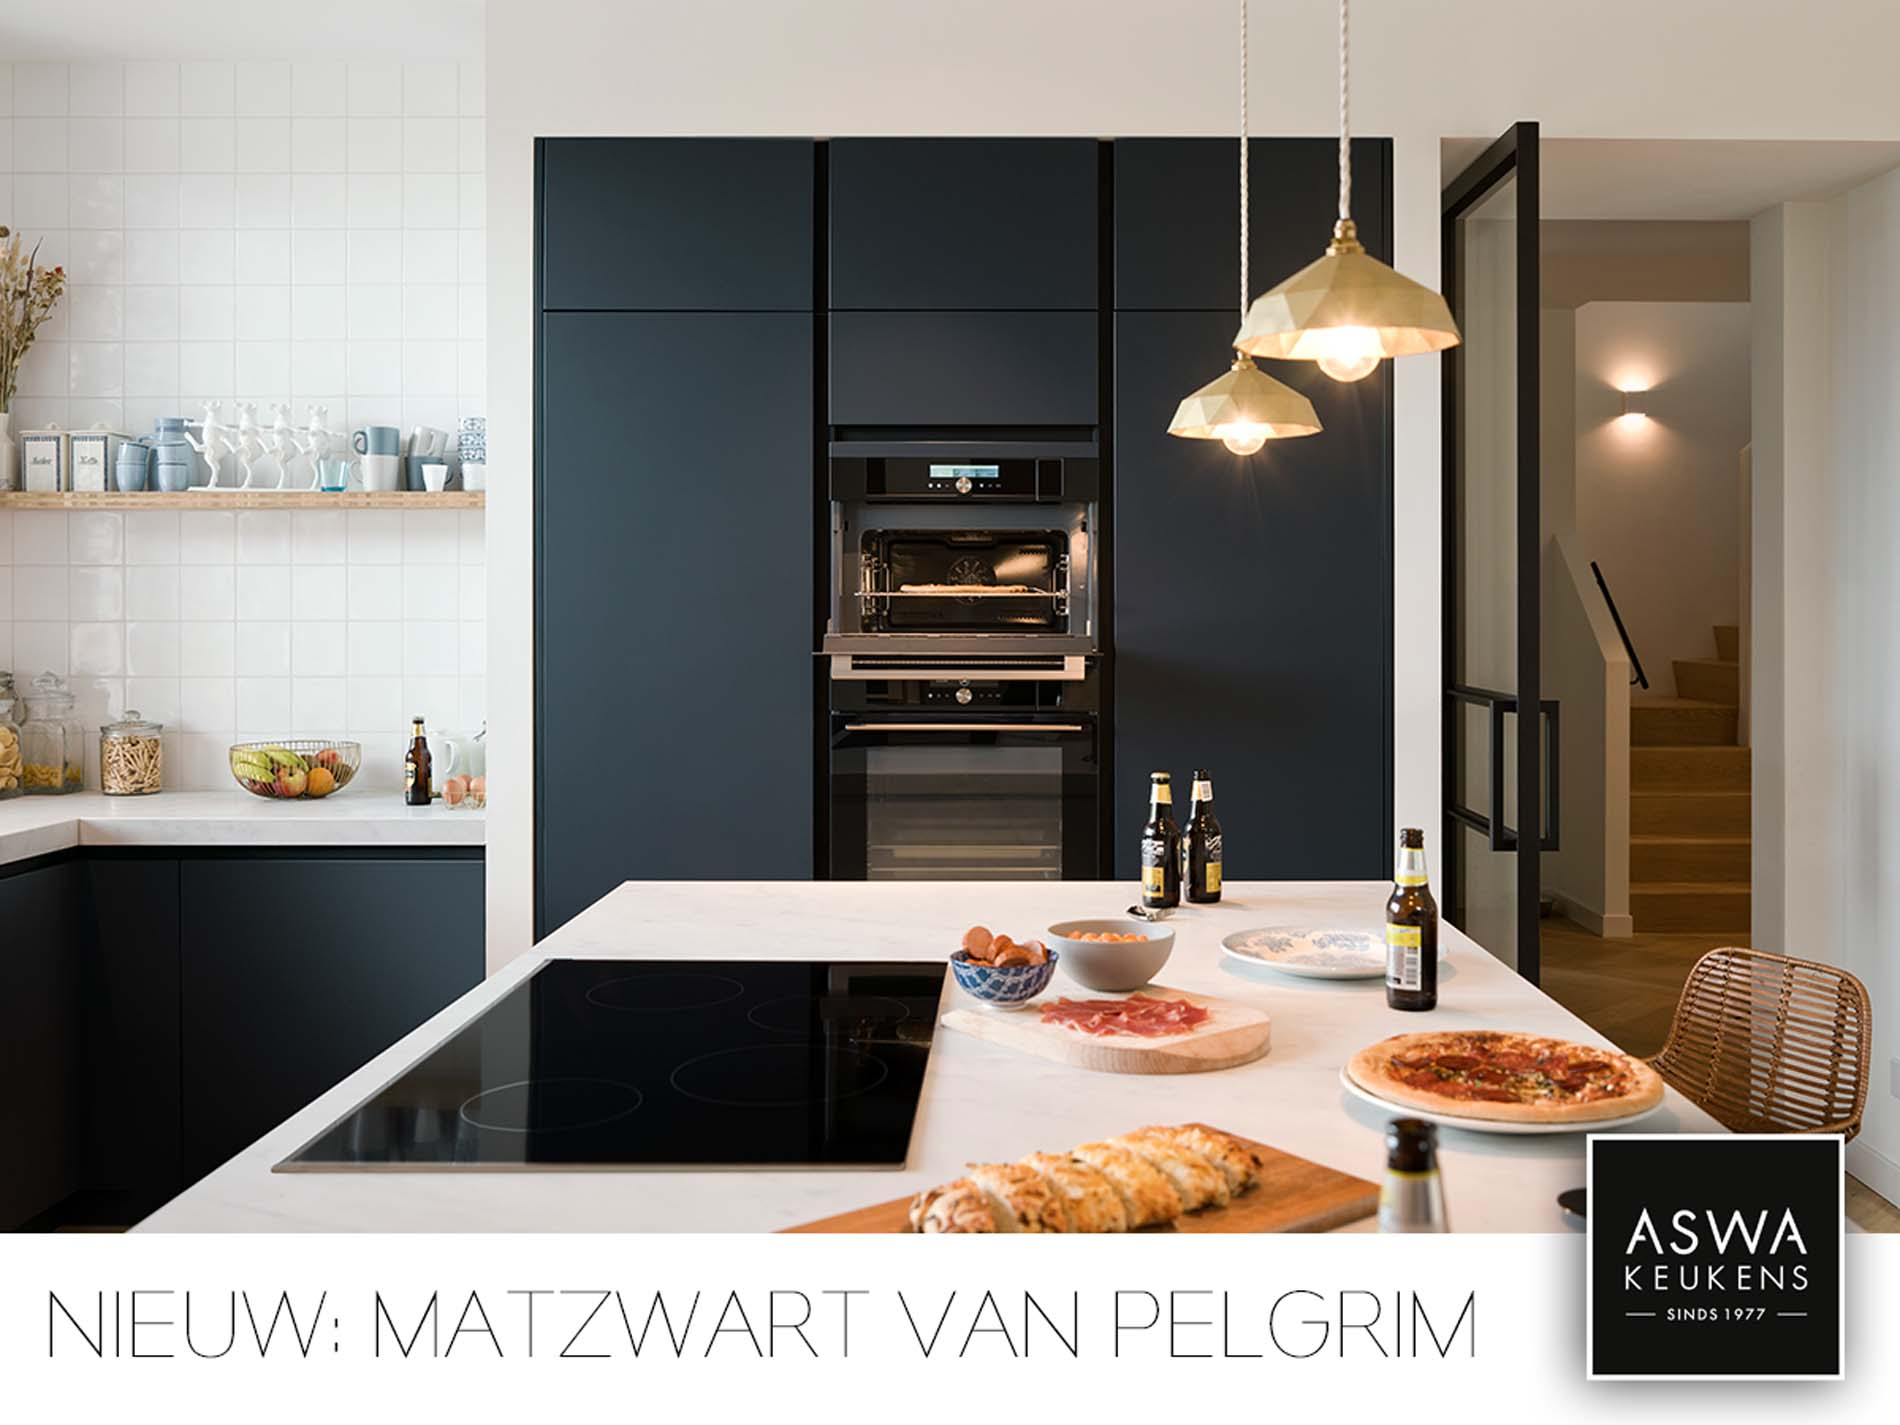 Zwarte keuken met mat zwarte keukenapparatuur van Pelgrim Matzwart